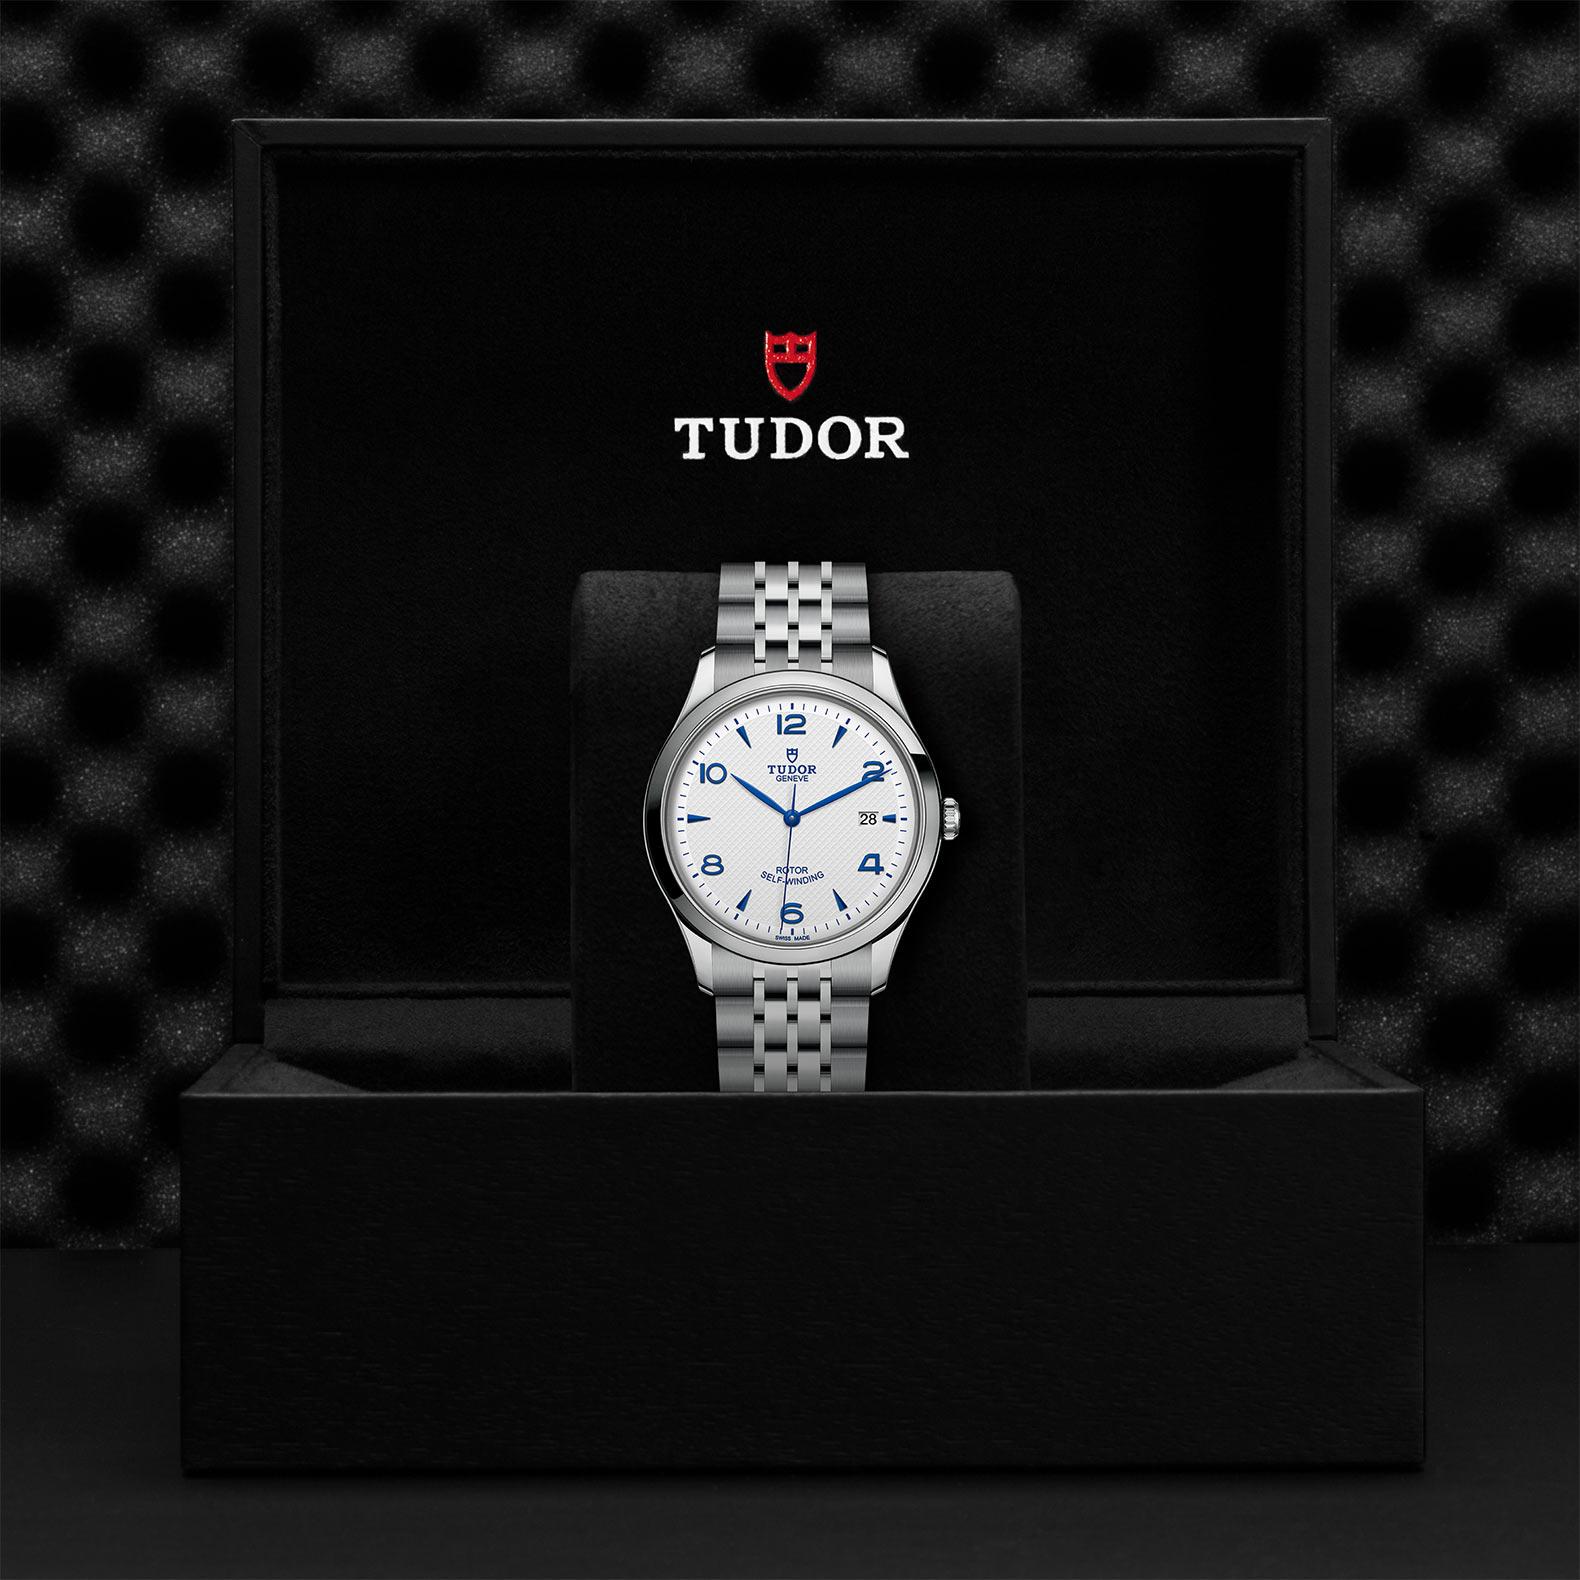 TUDOR 1926 M91650 0005 Presentation